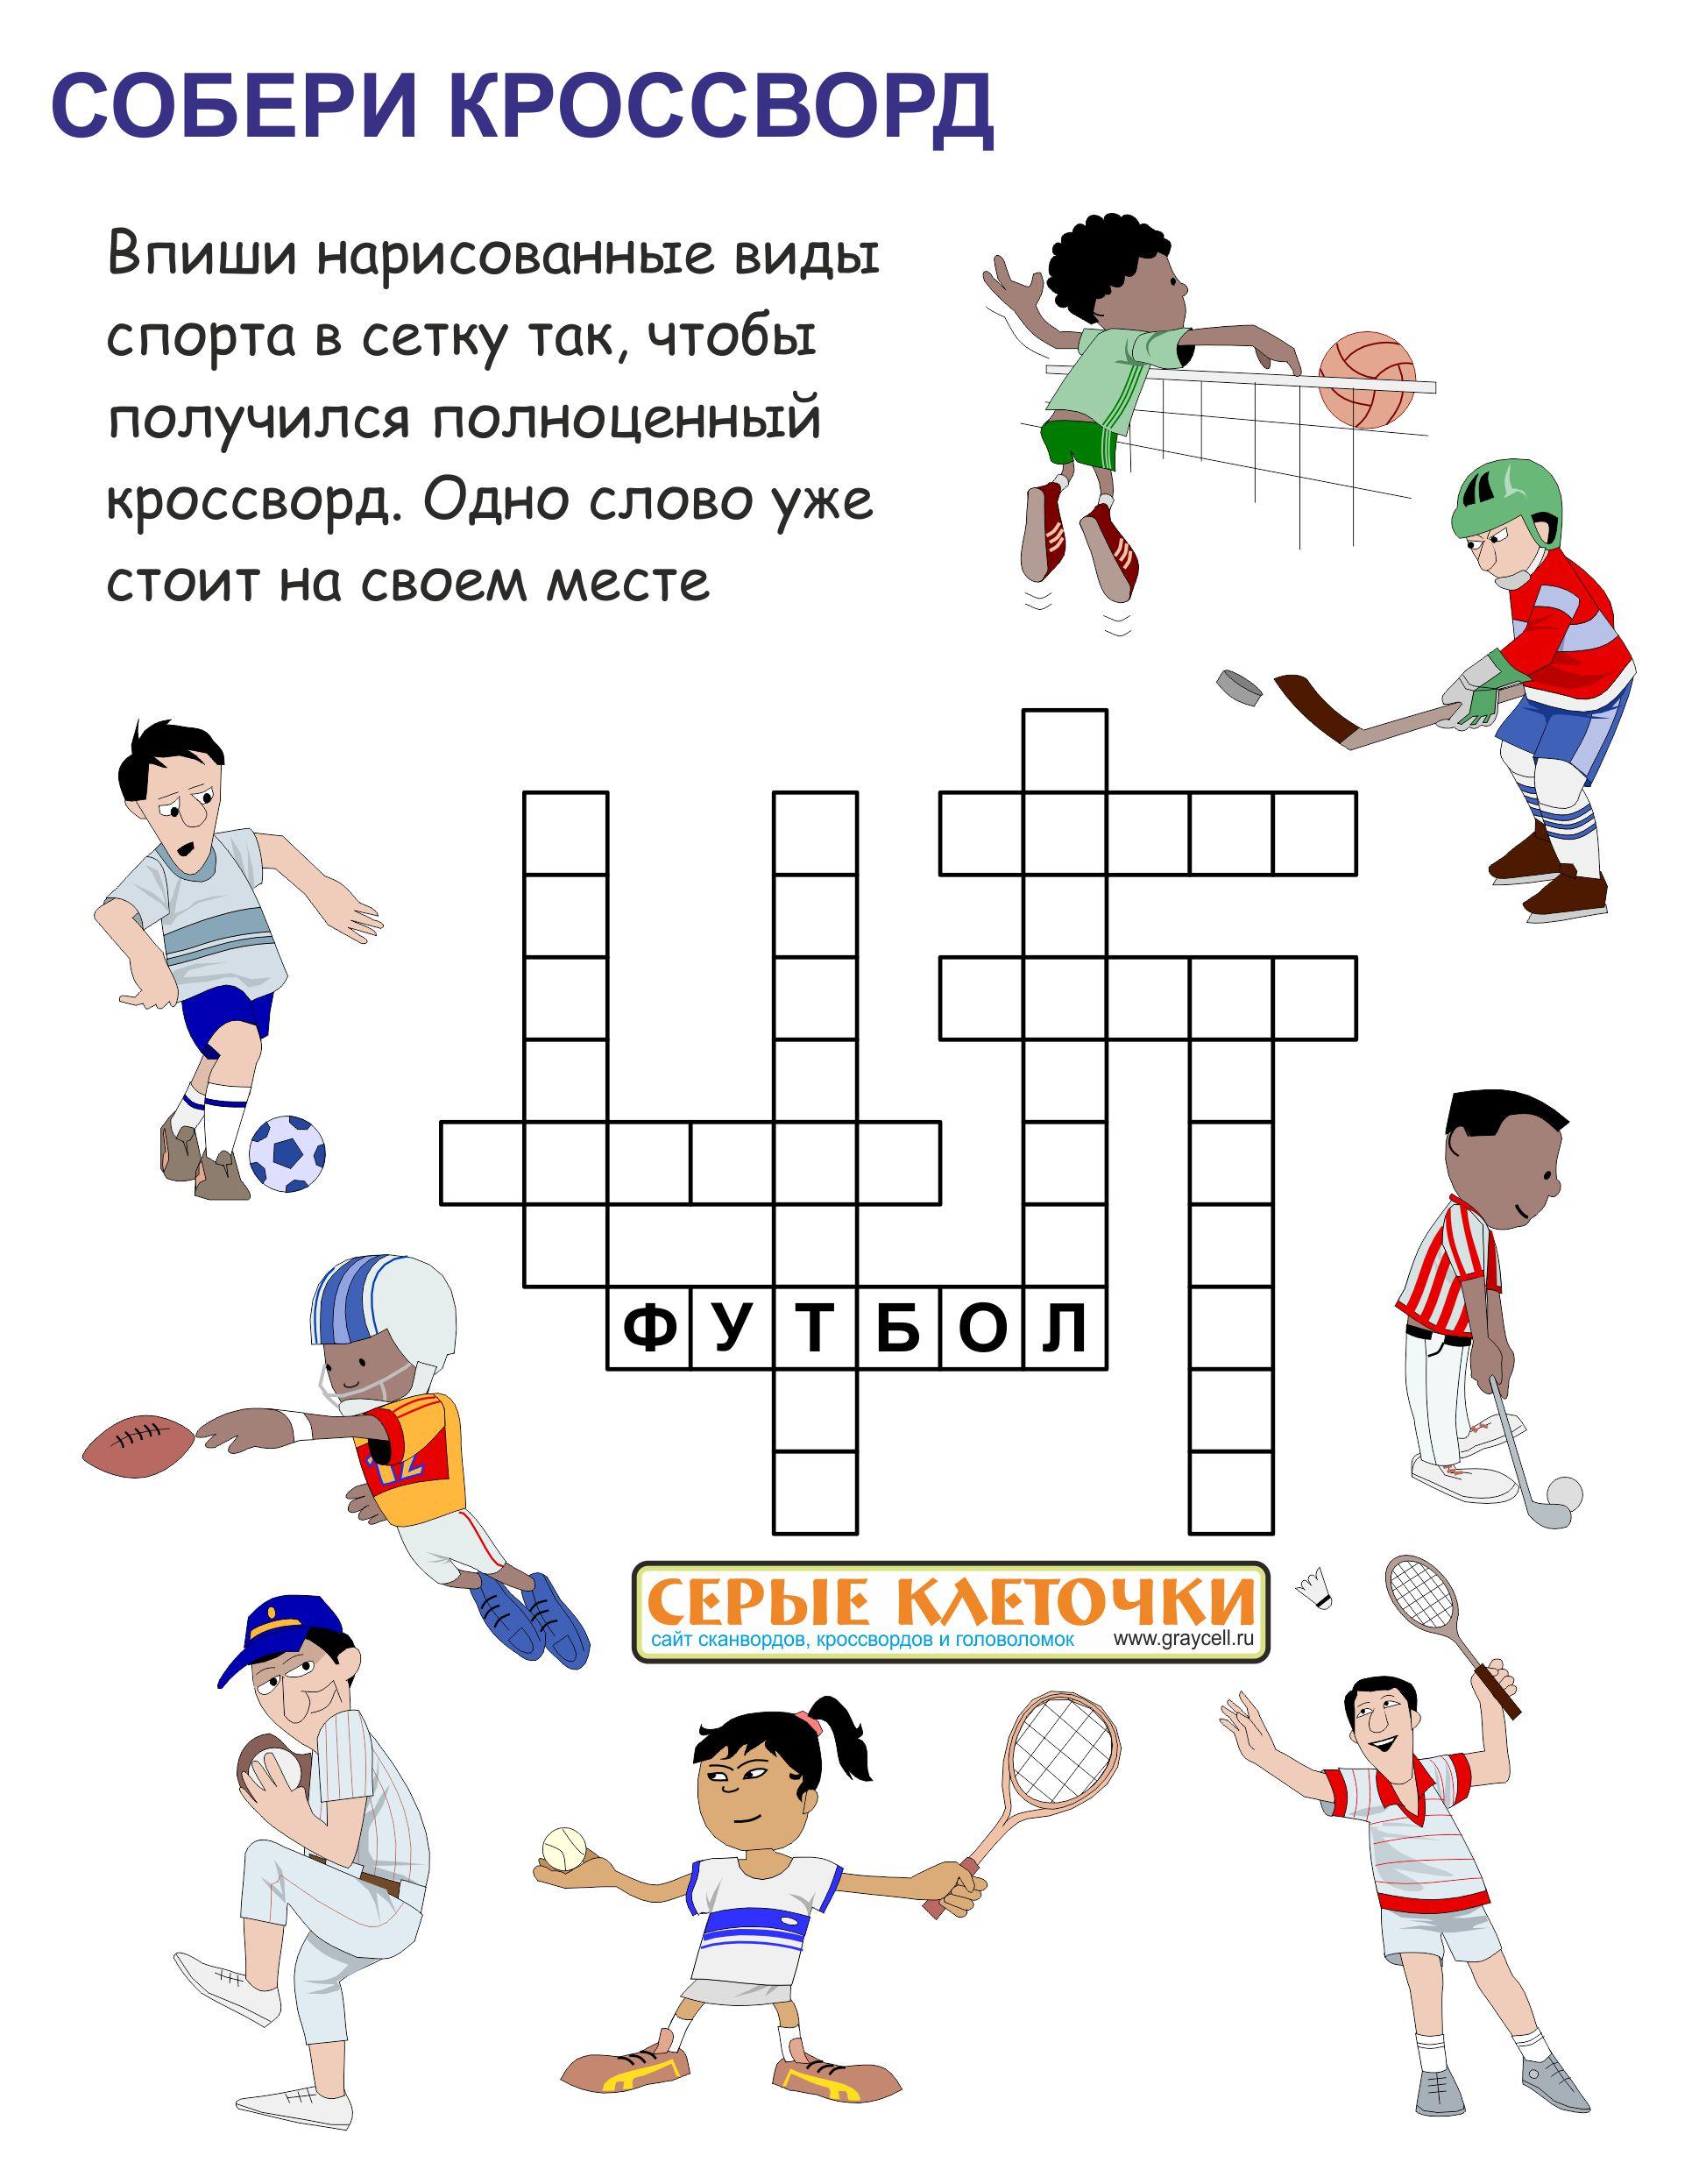 Головоломка картинка с ответами про спорт